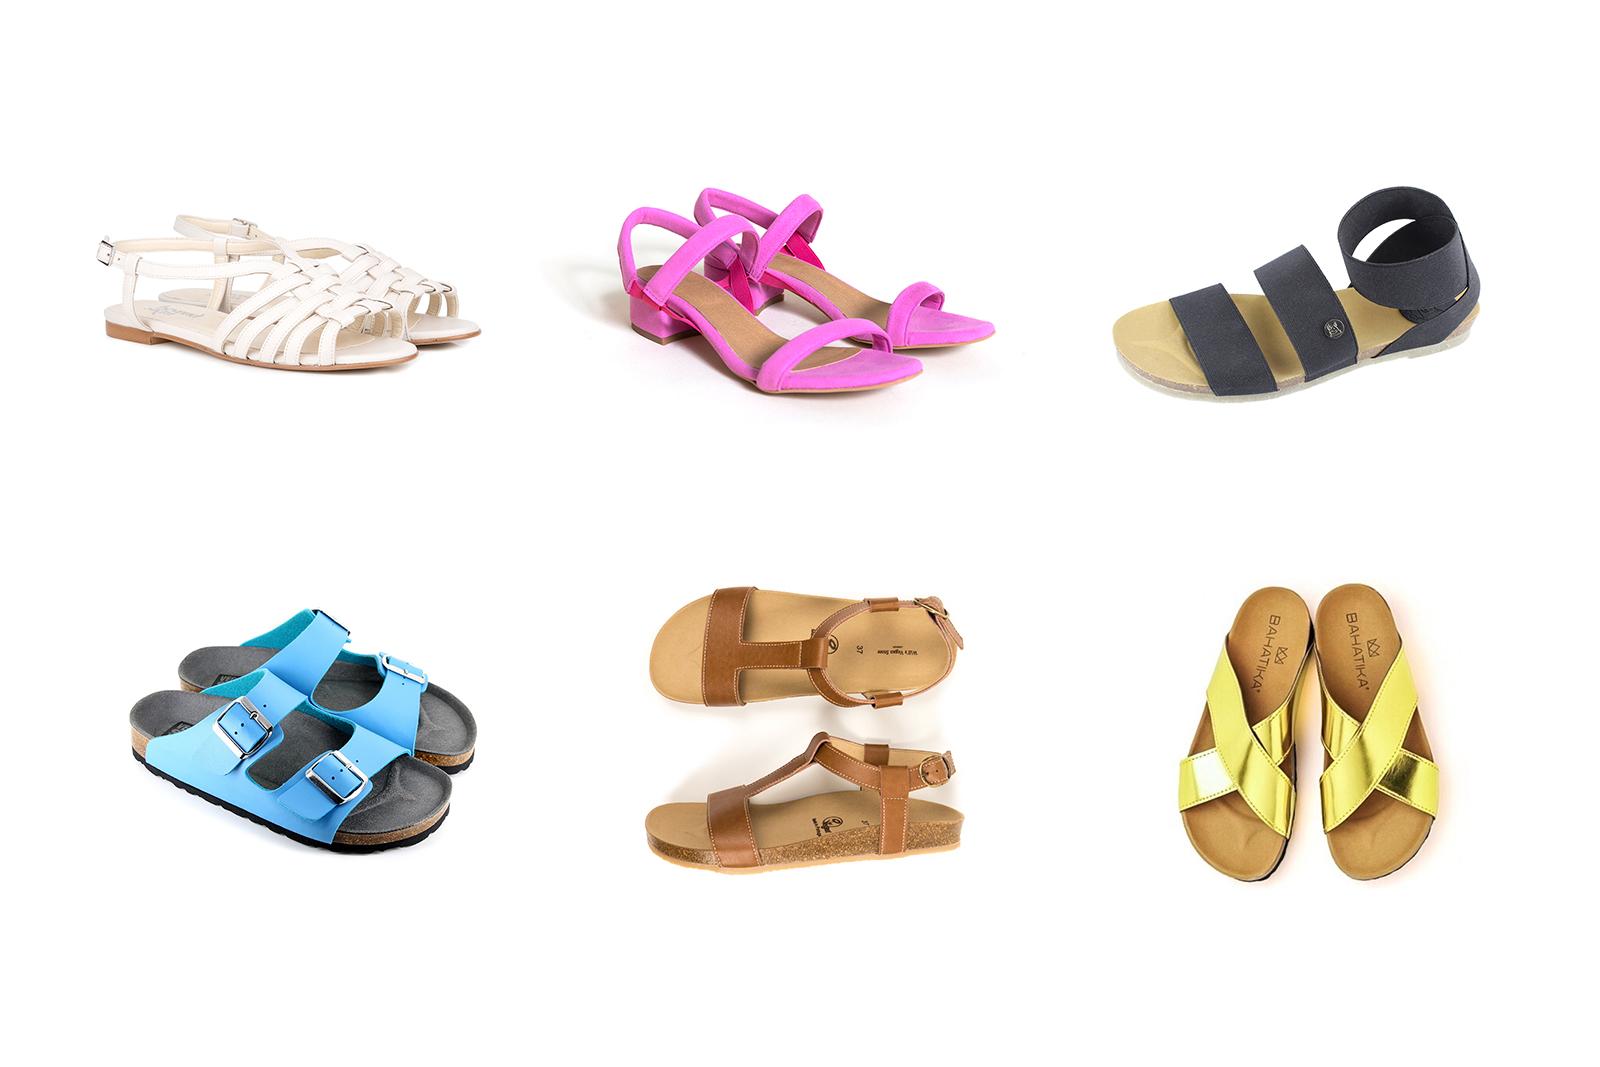 Vegane Sandalen: Das sind unsere Top 6 für diesen Sommer